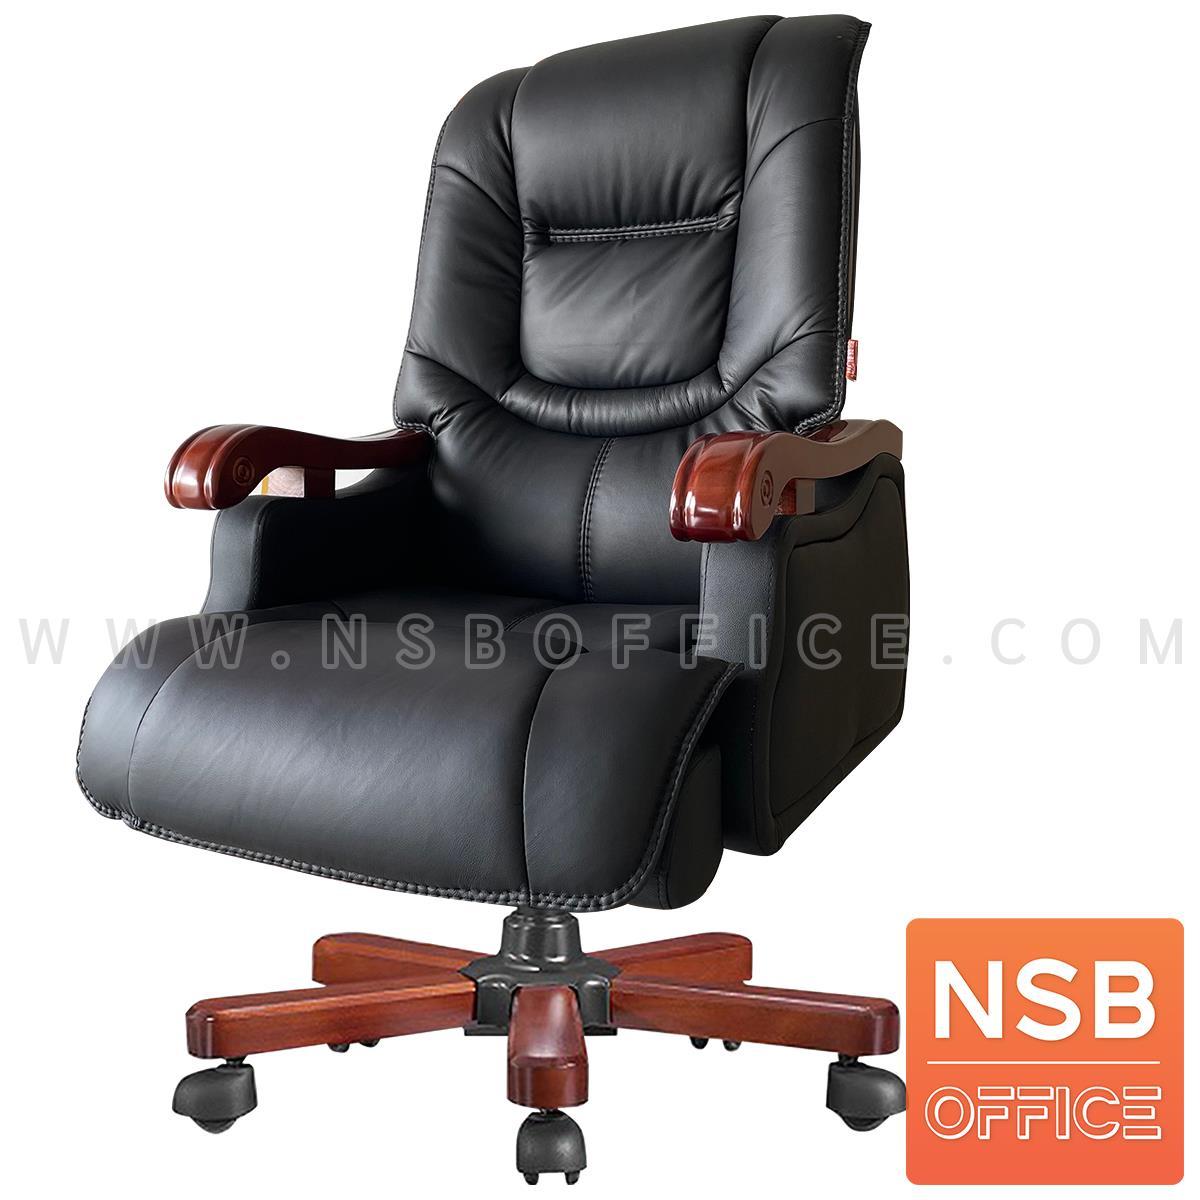 B25A154:เก้าอี้ผู้บริหารหนังแท้ รุ่น Flax (แฟ็กซ์)  ขา-แขนไม้